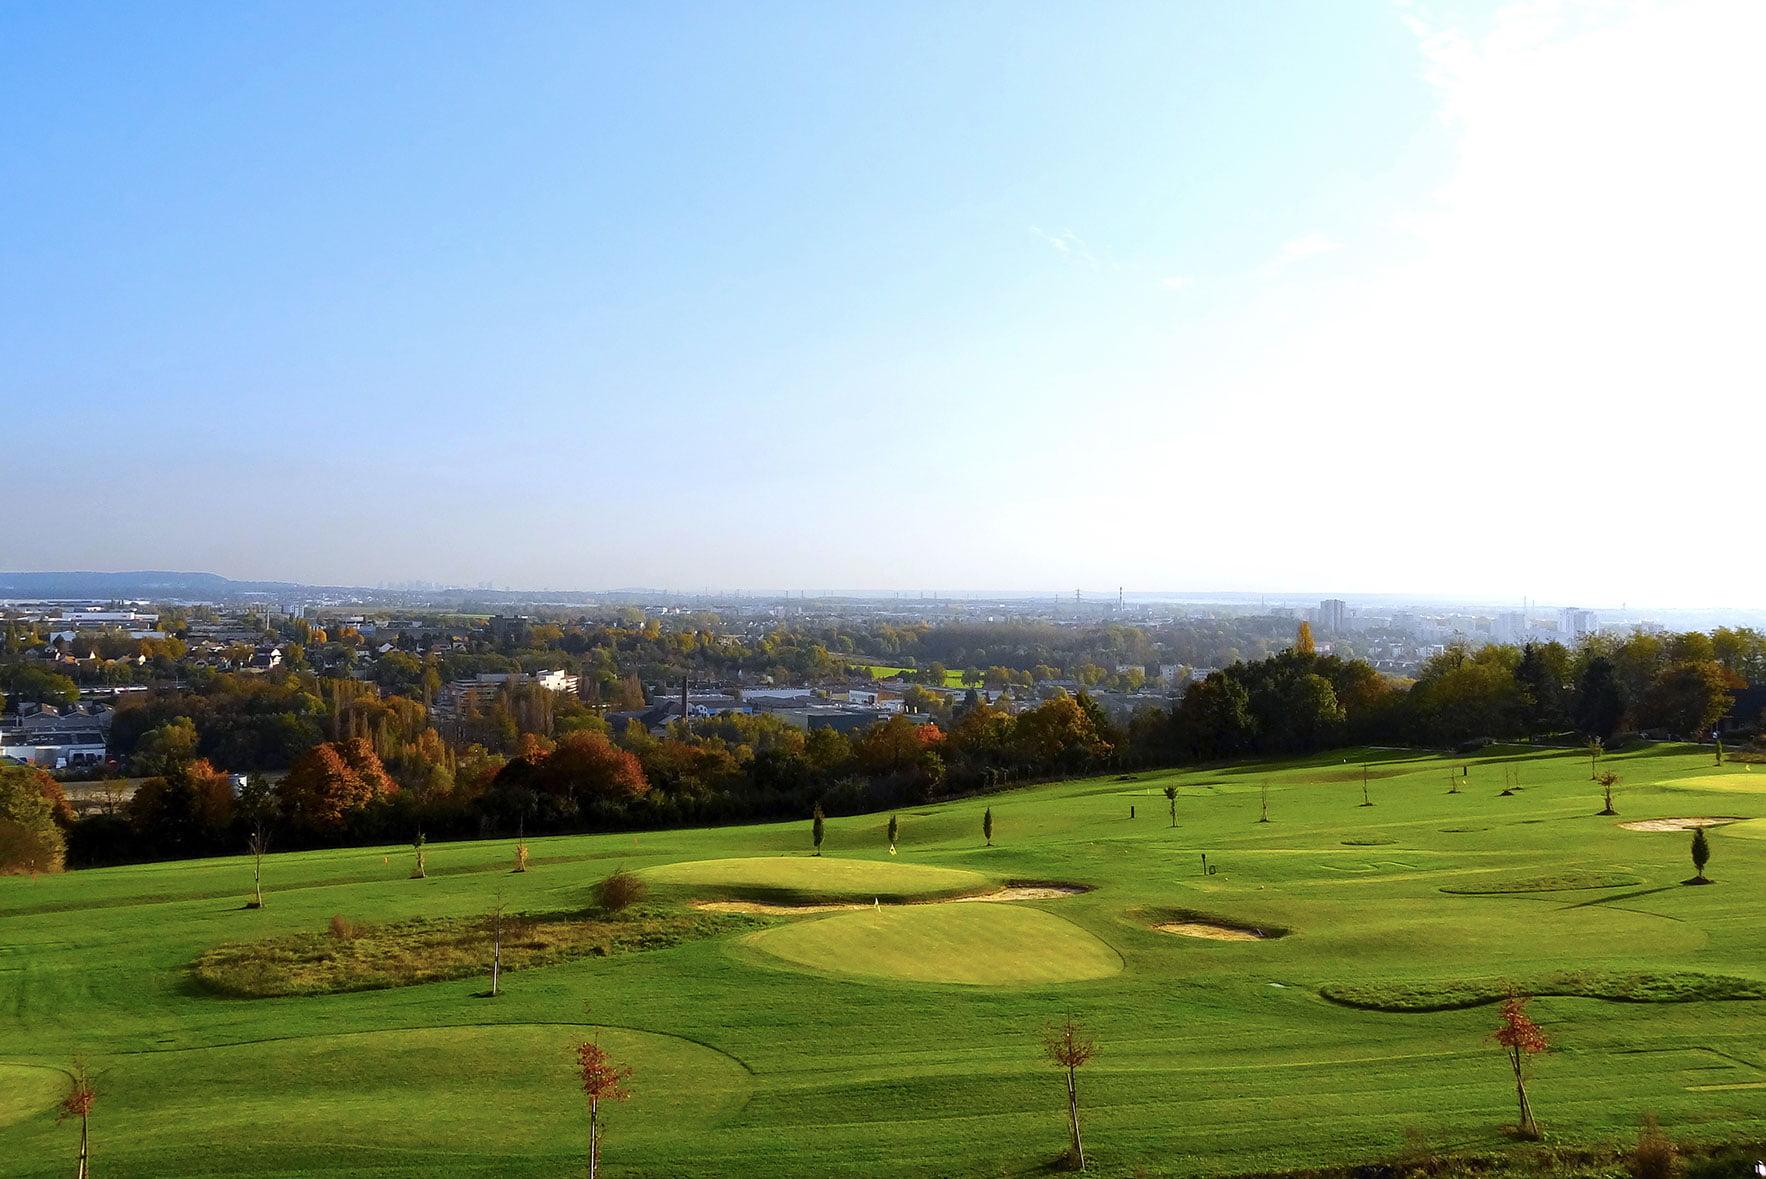 Vue sur le golf d'Ennery et le bassin de l'Oise depuis le Green des Impressionnistes